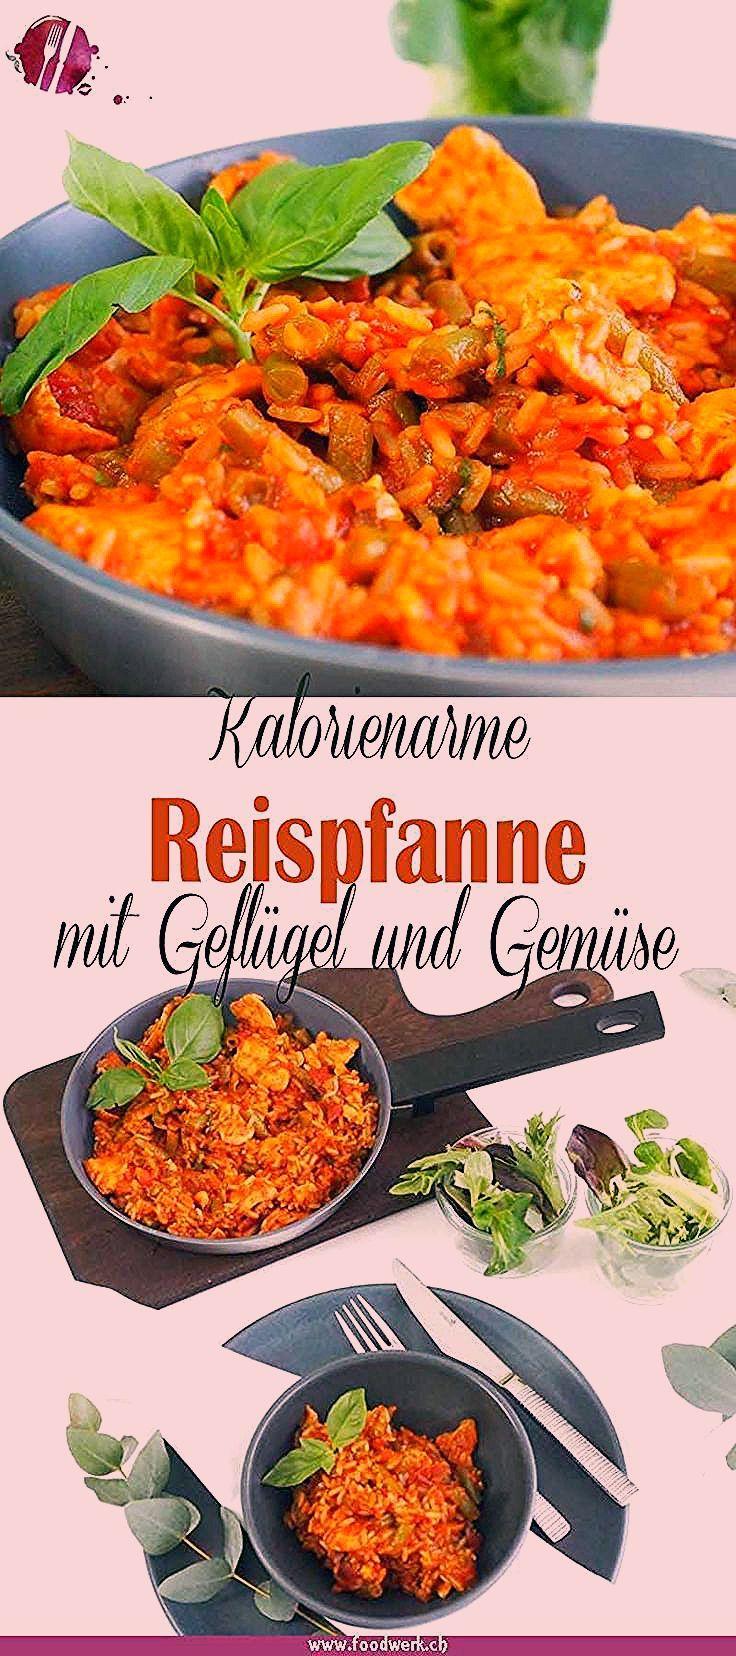 Photo of low carb rezepte deutsch